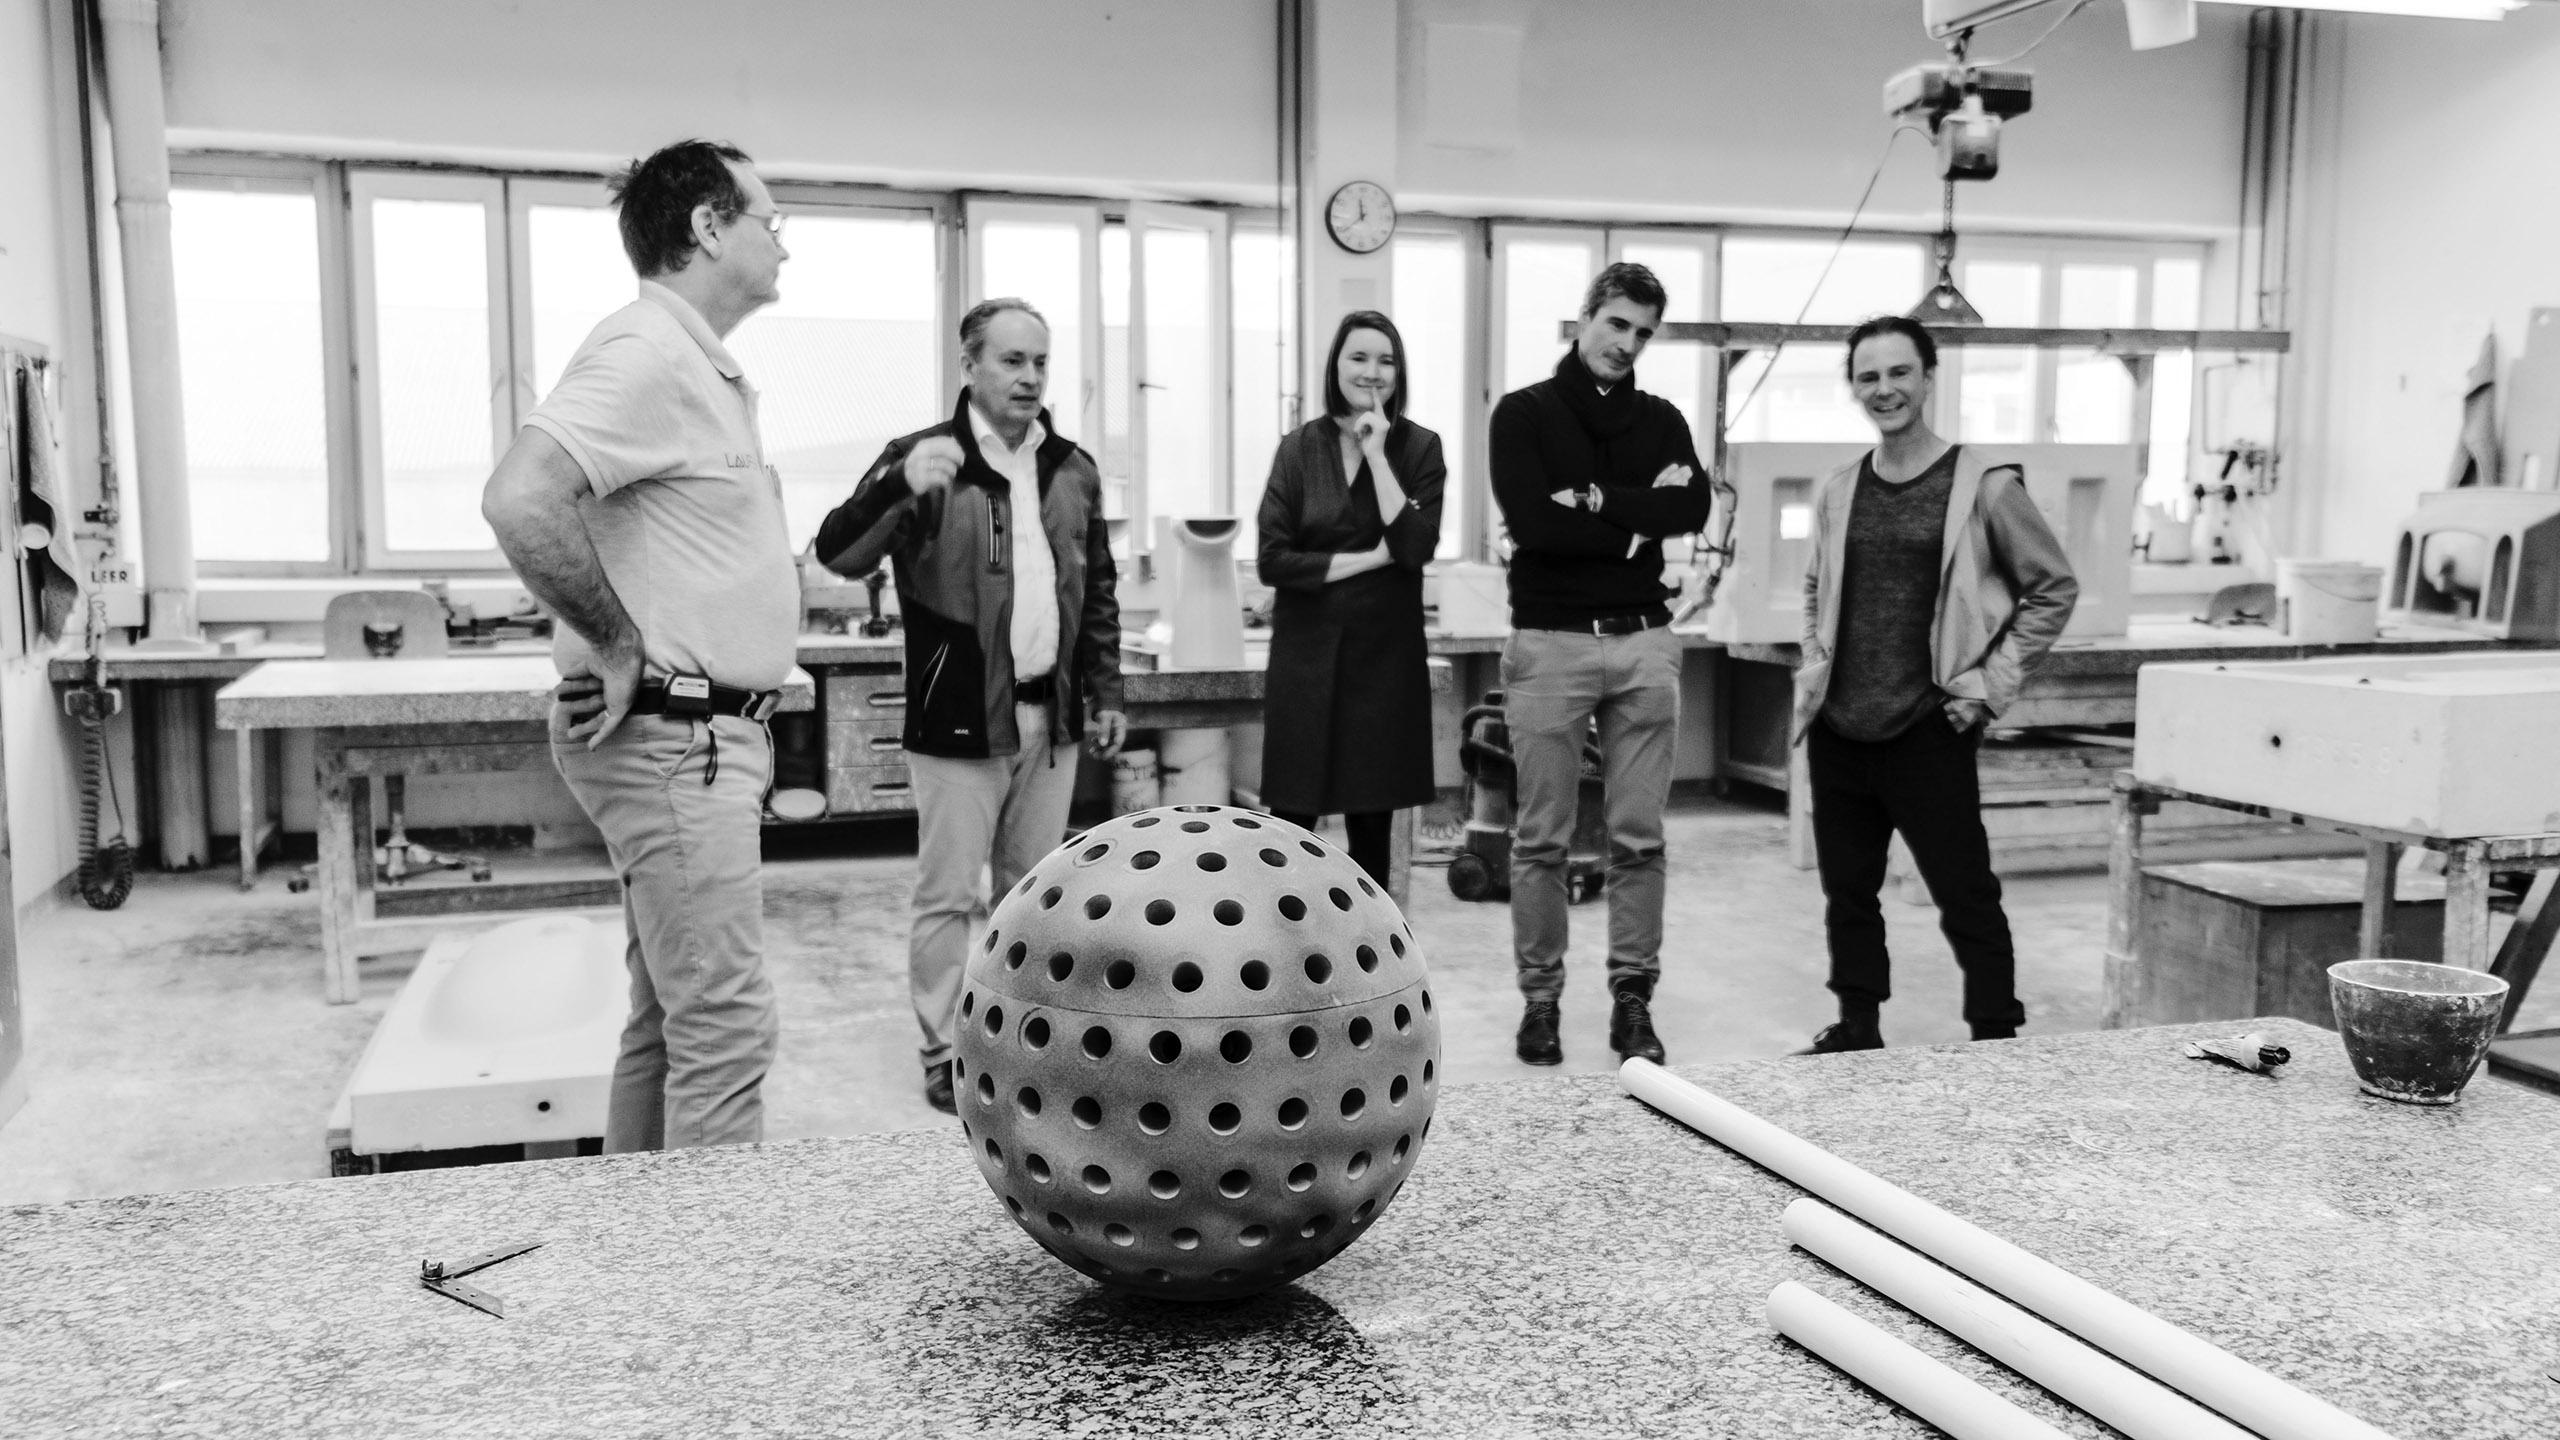 Kugel für die Keramiktubes des Projekts N186 von LOVE architects für die Biennale in Venedig mit Team in schwarz weiß